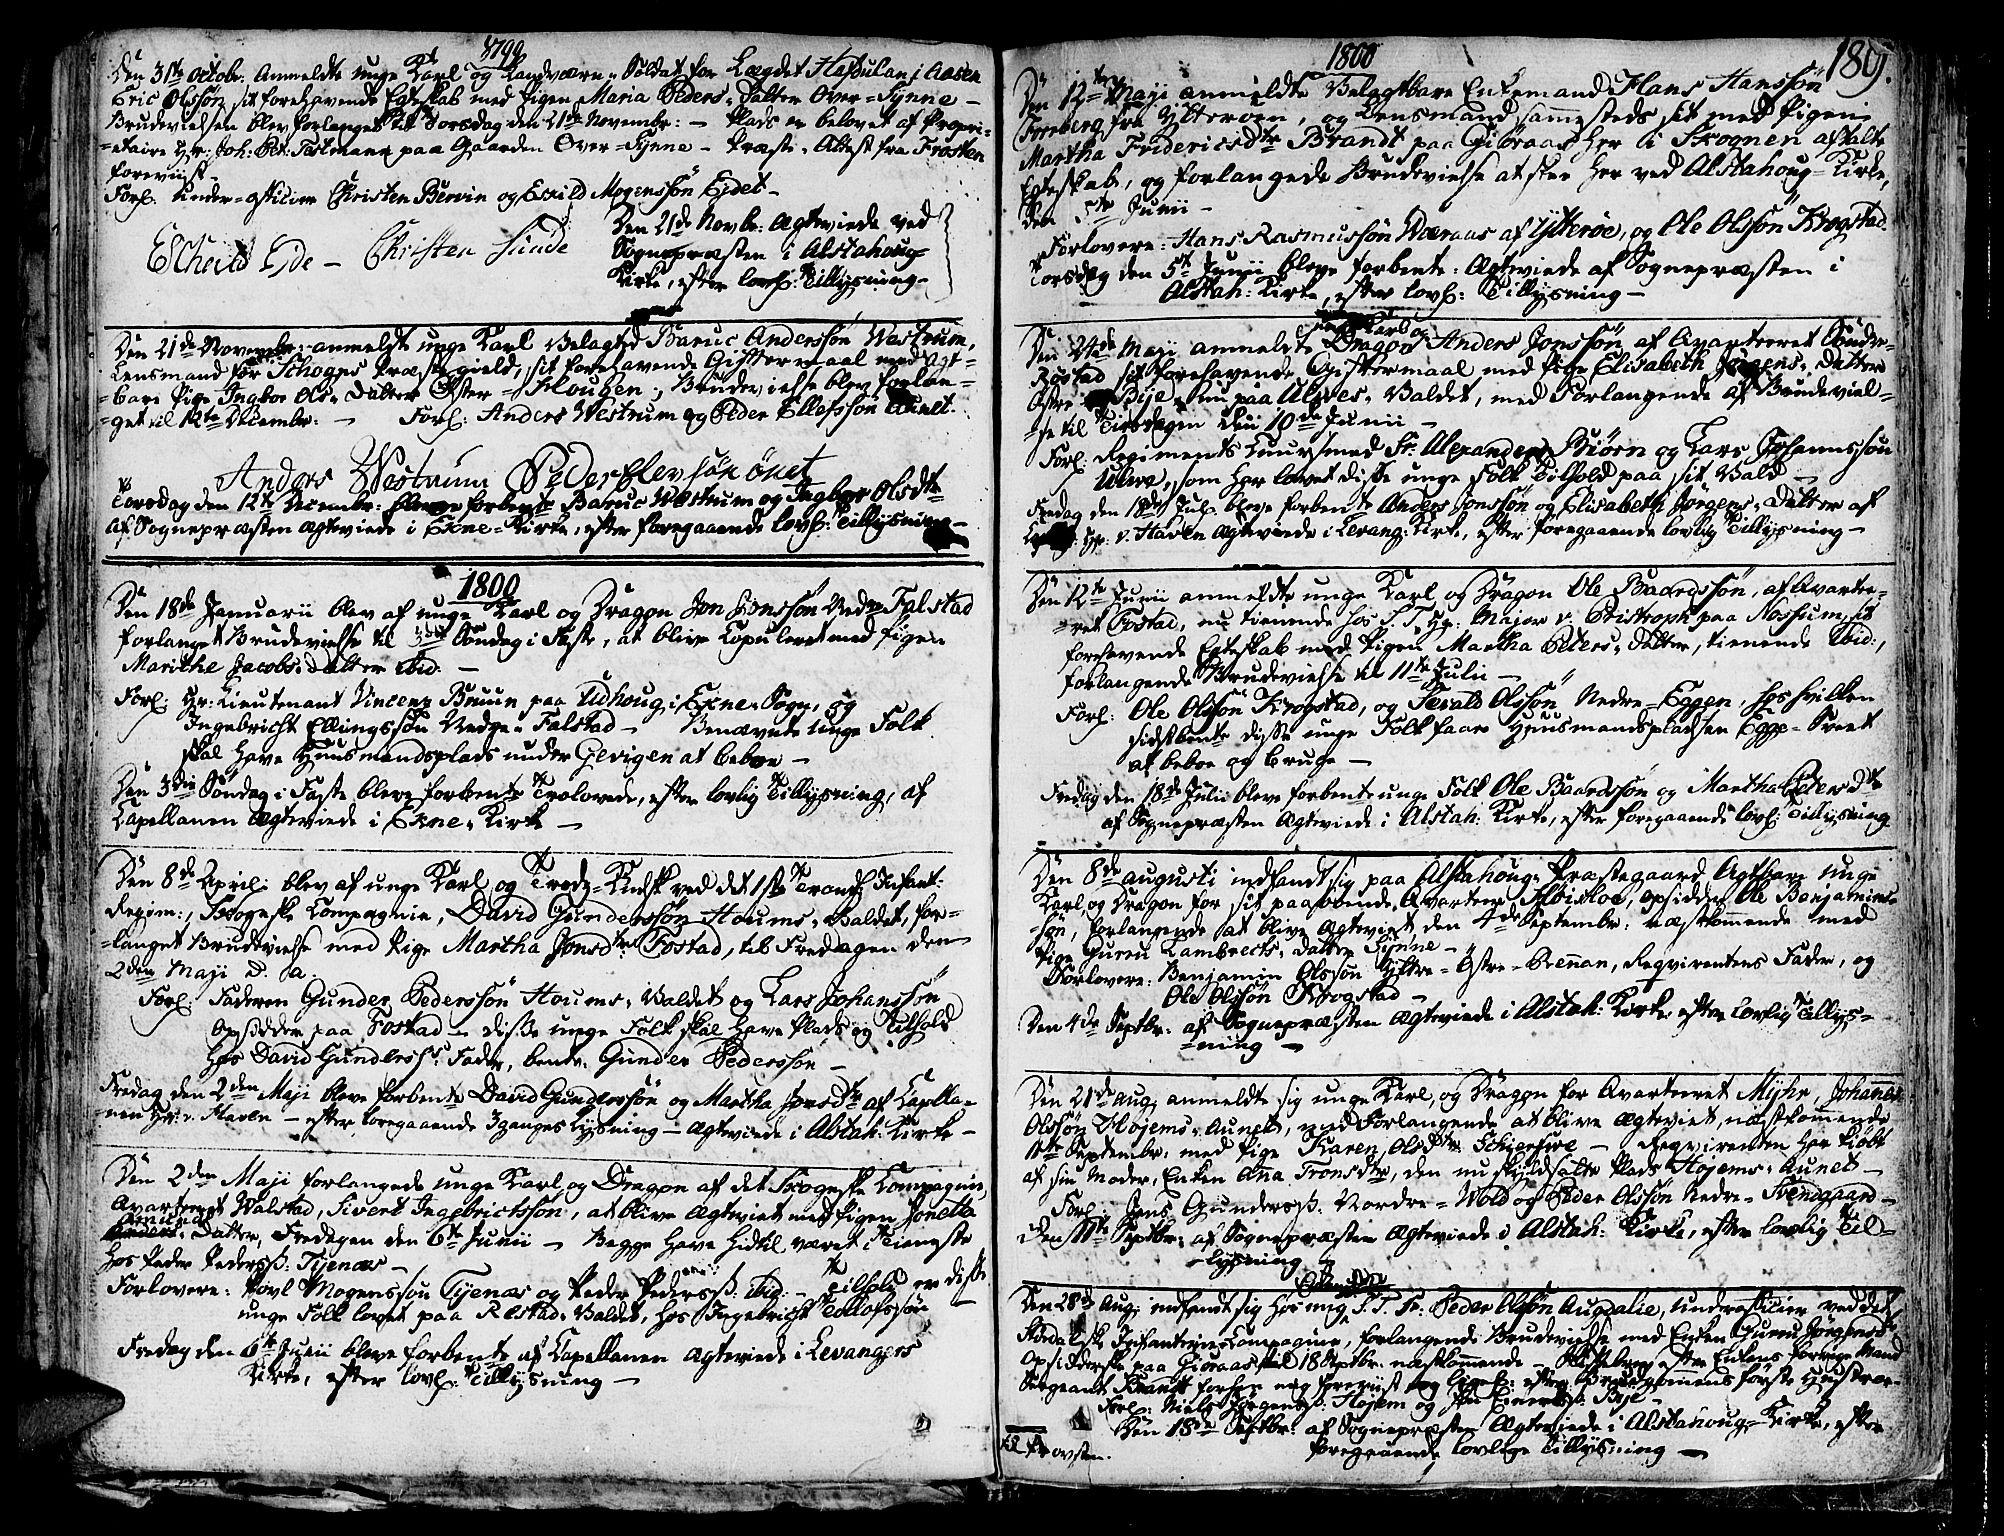 SAT, Ministerialprotokoller, klokkerbøker og fødselsregistre - Nord-Trøndelag, 717/L0142: Ministerialbok nr. 717A02 /1, 1783-1809, s. 189